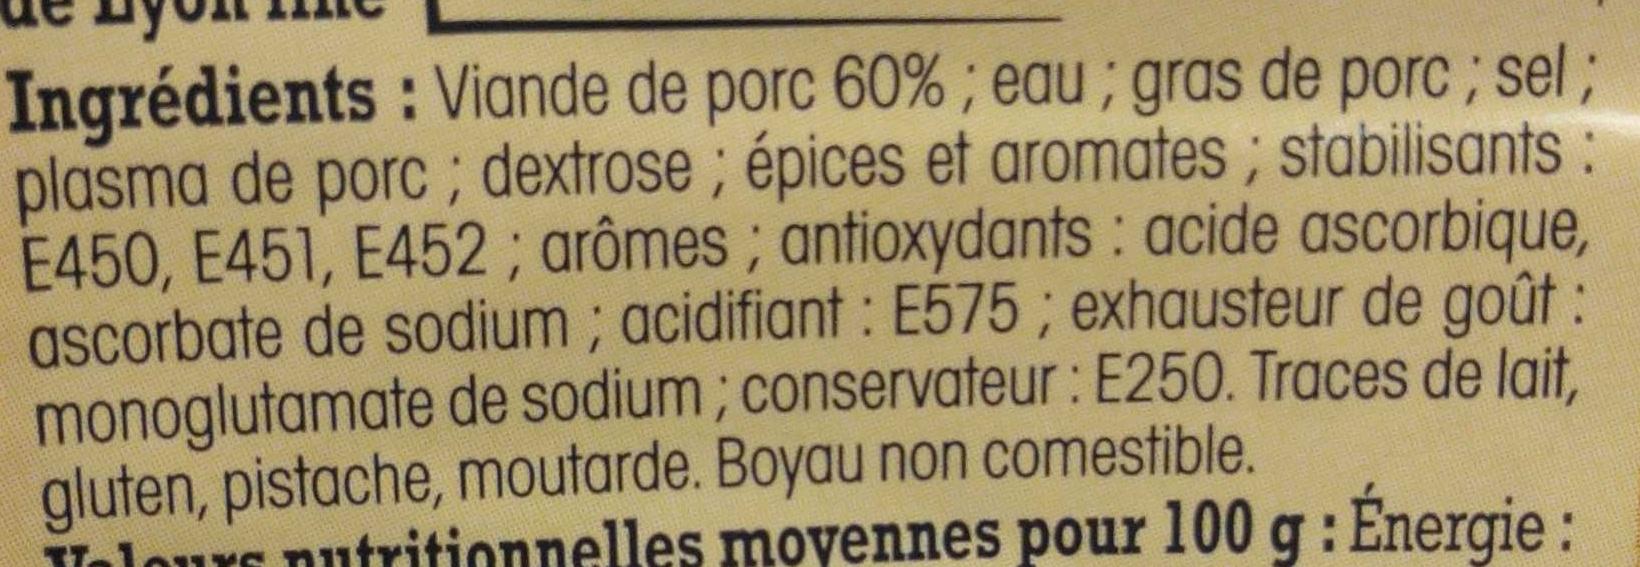 Saucisse de Lyon fine Alsacienne - Ingredients - fr